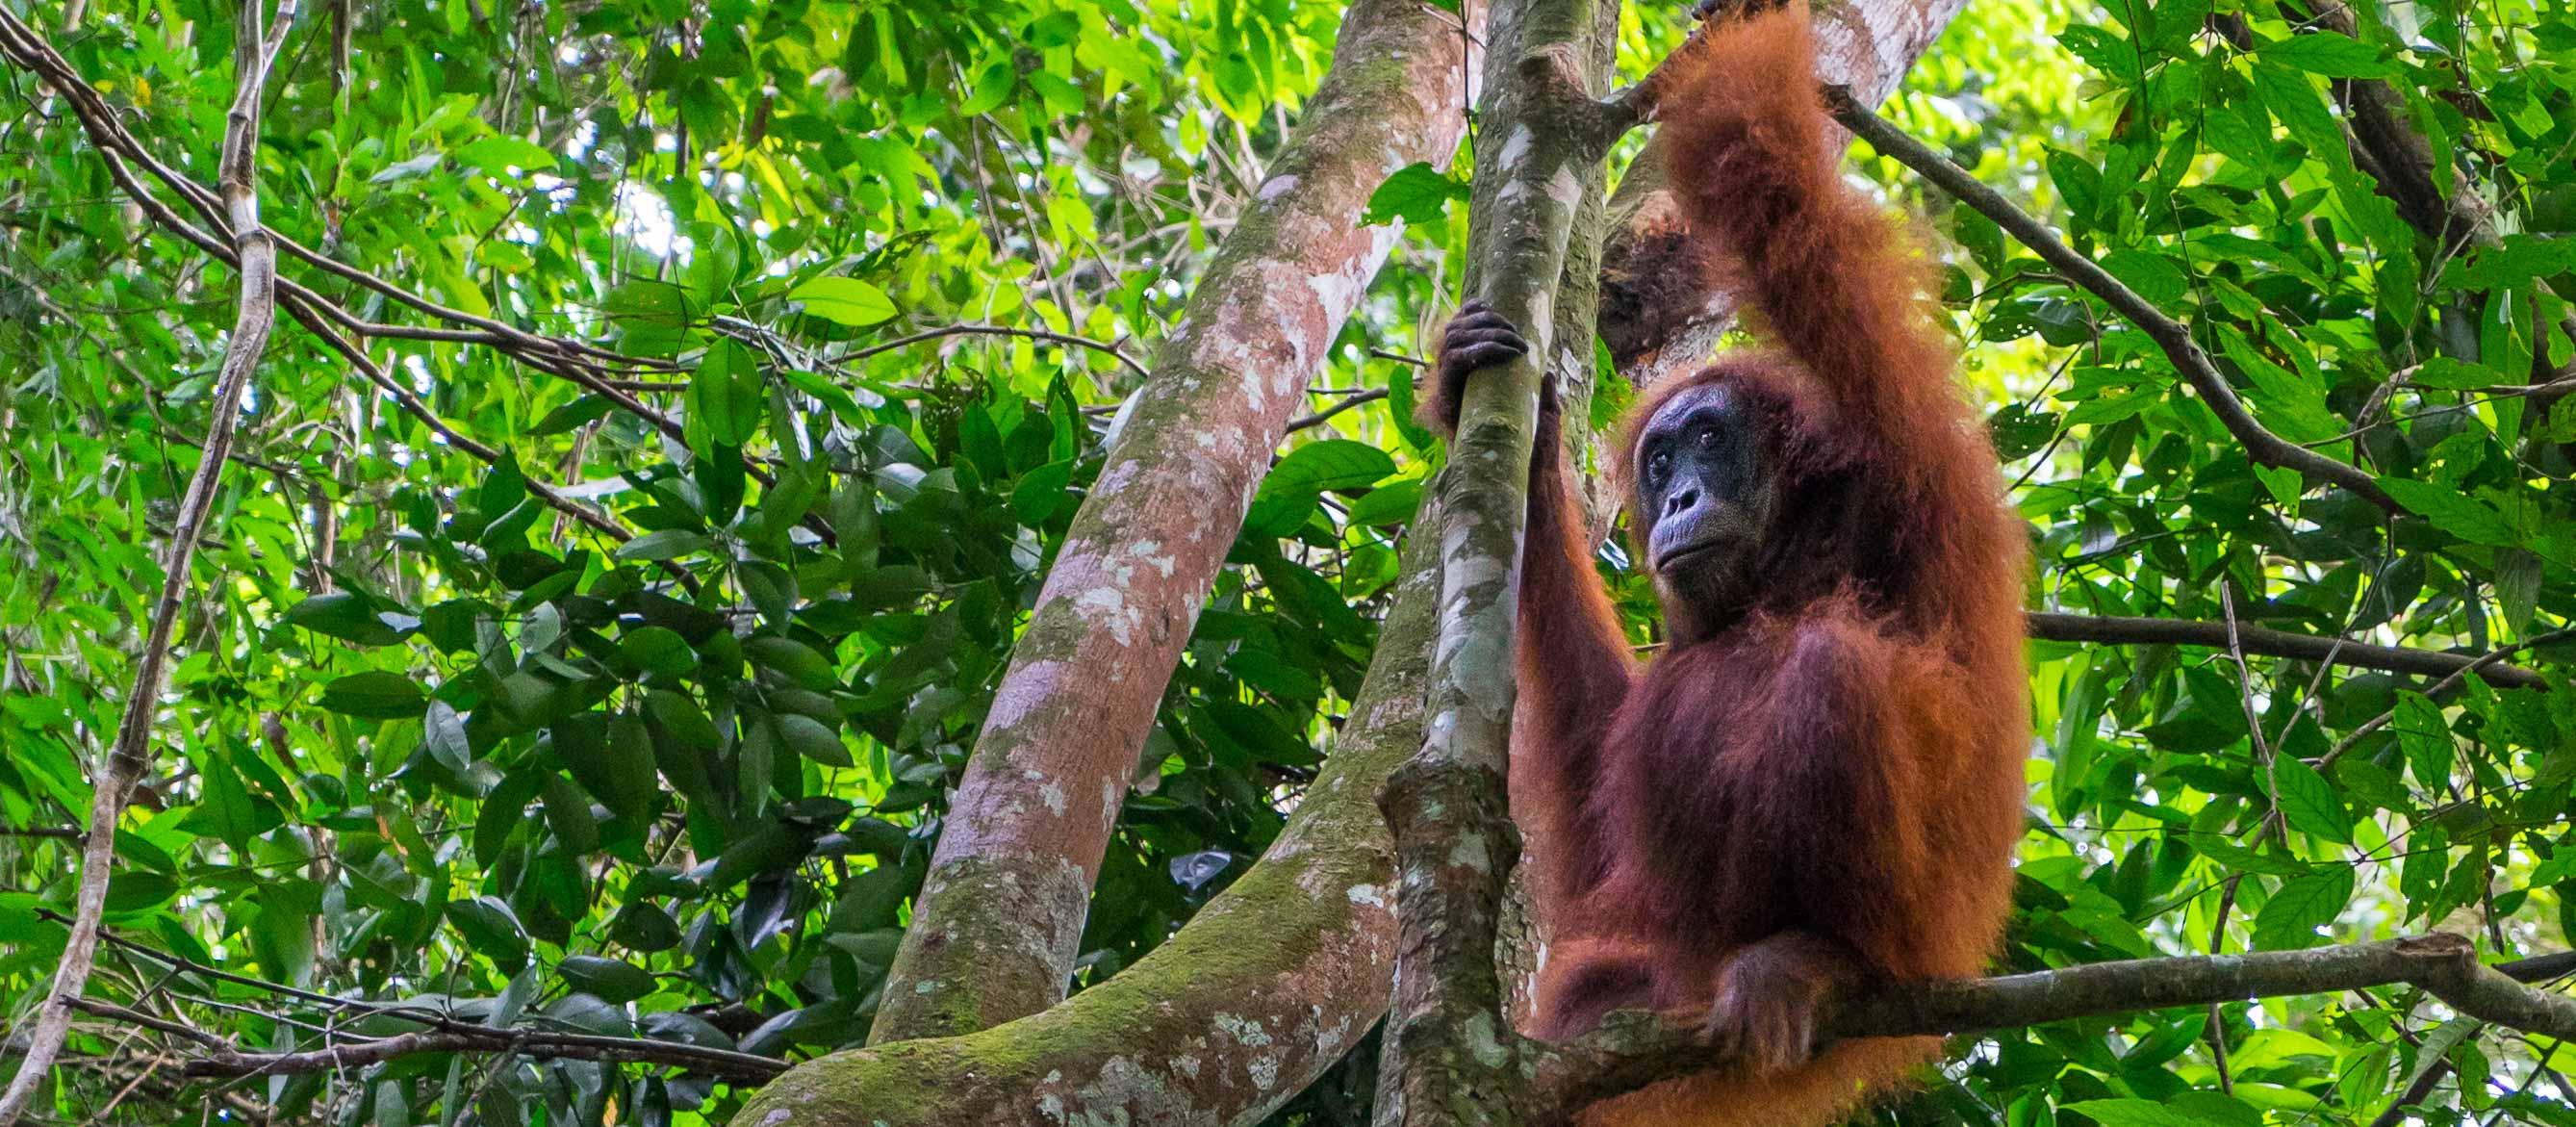 Bukit-Lawang-Orangutans-Featured